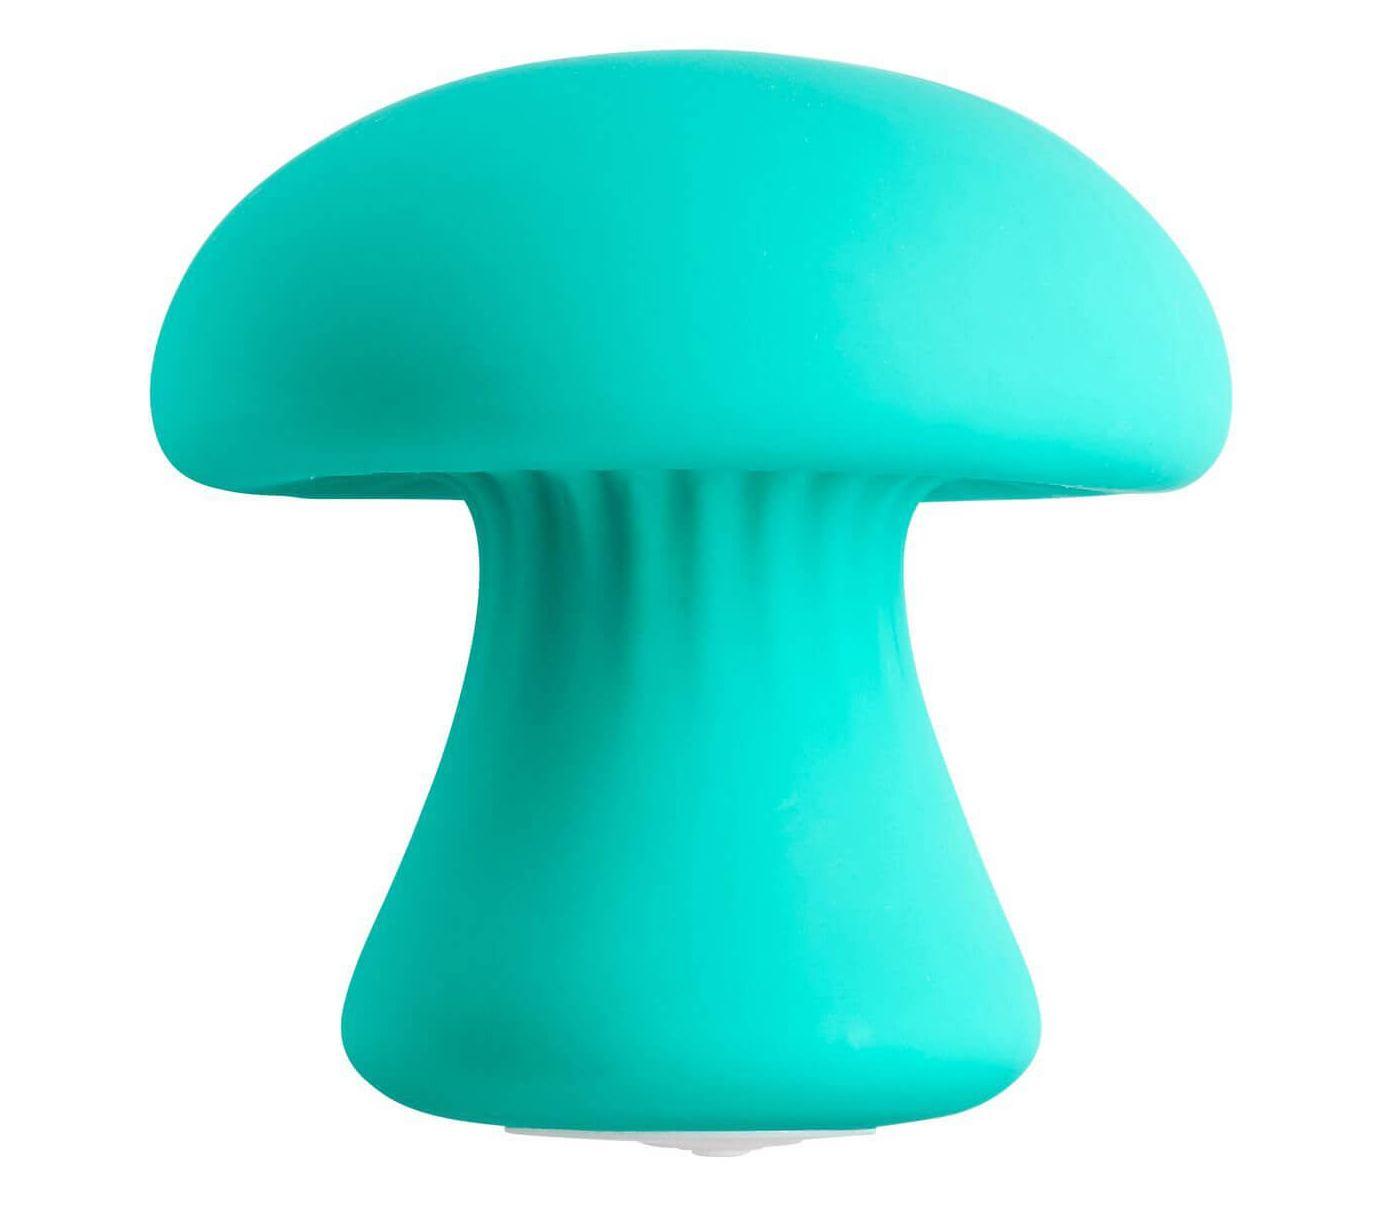 Cloud 9 Mushroom - wellness hríb, vibrátor na klitoris